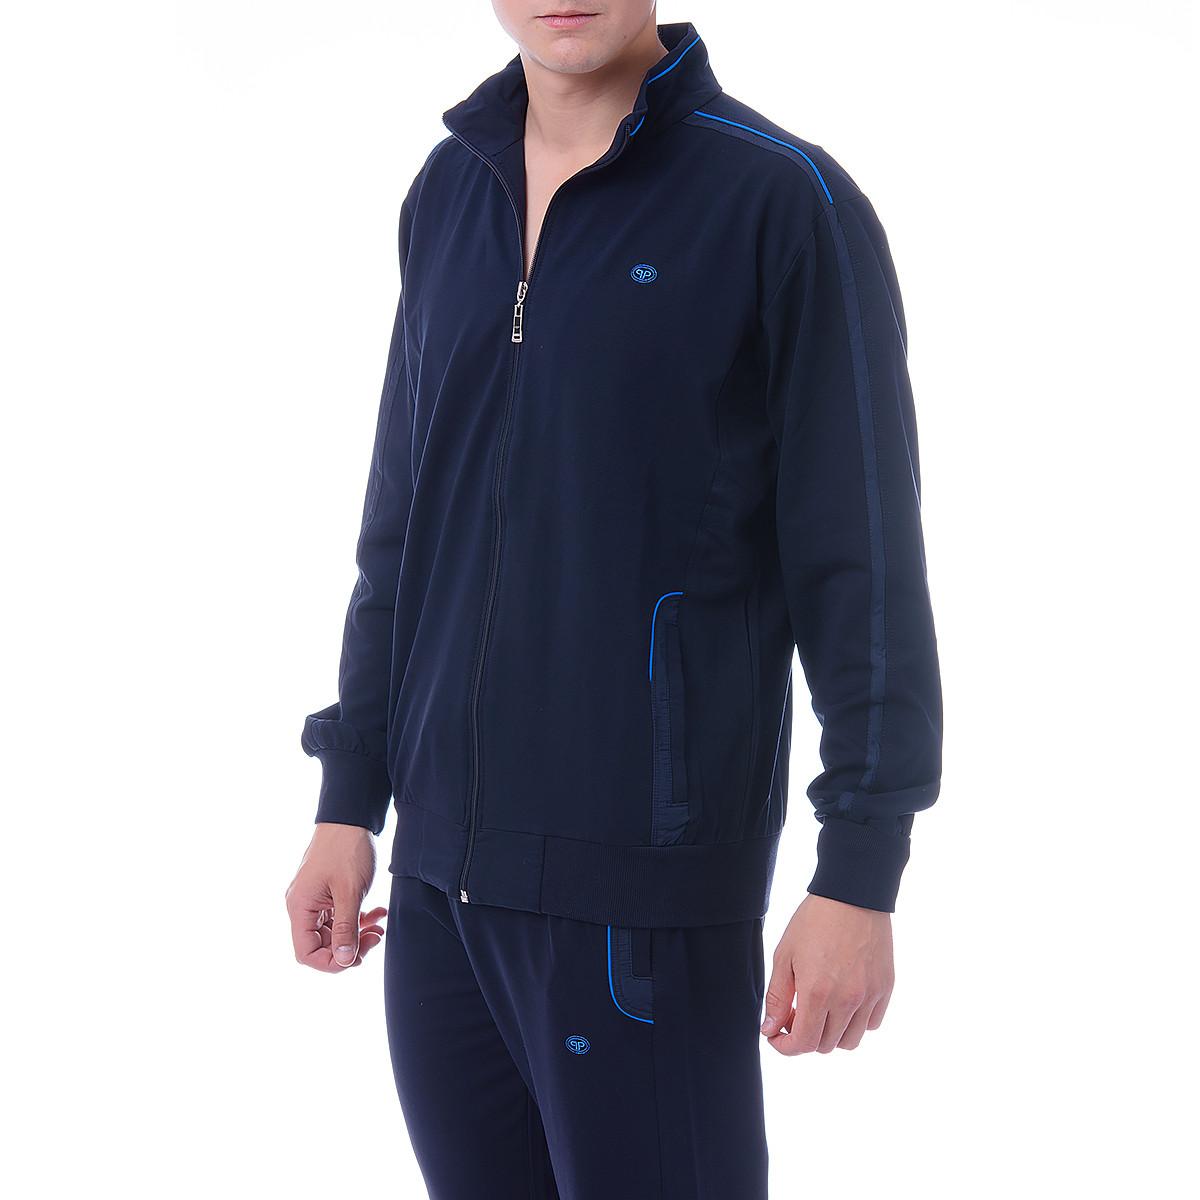 Мужские спортивные костюмы больших размеров пр-во Турция т.м. PIYERA 7008G-2